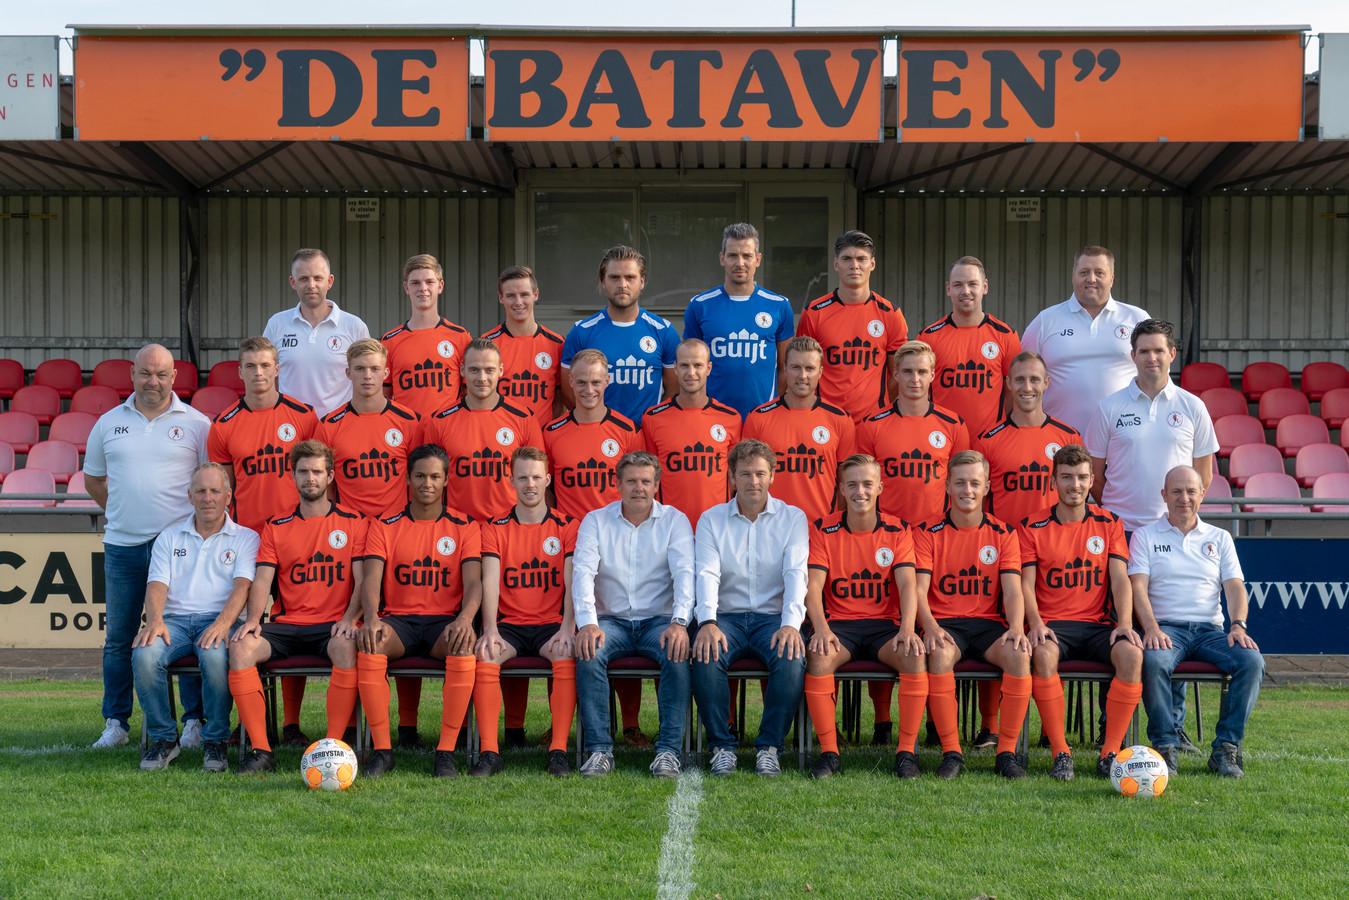 Teamfoto van de selectie van De Bataven